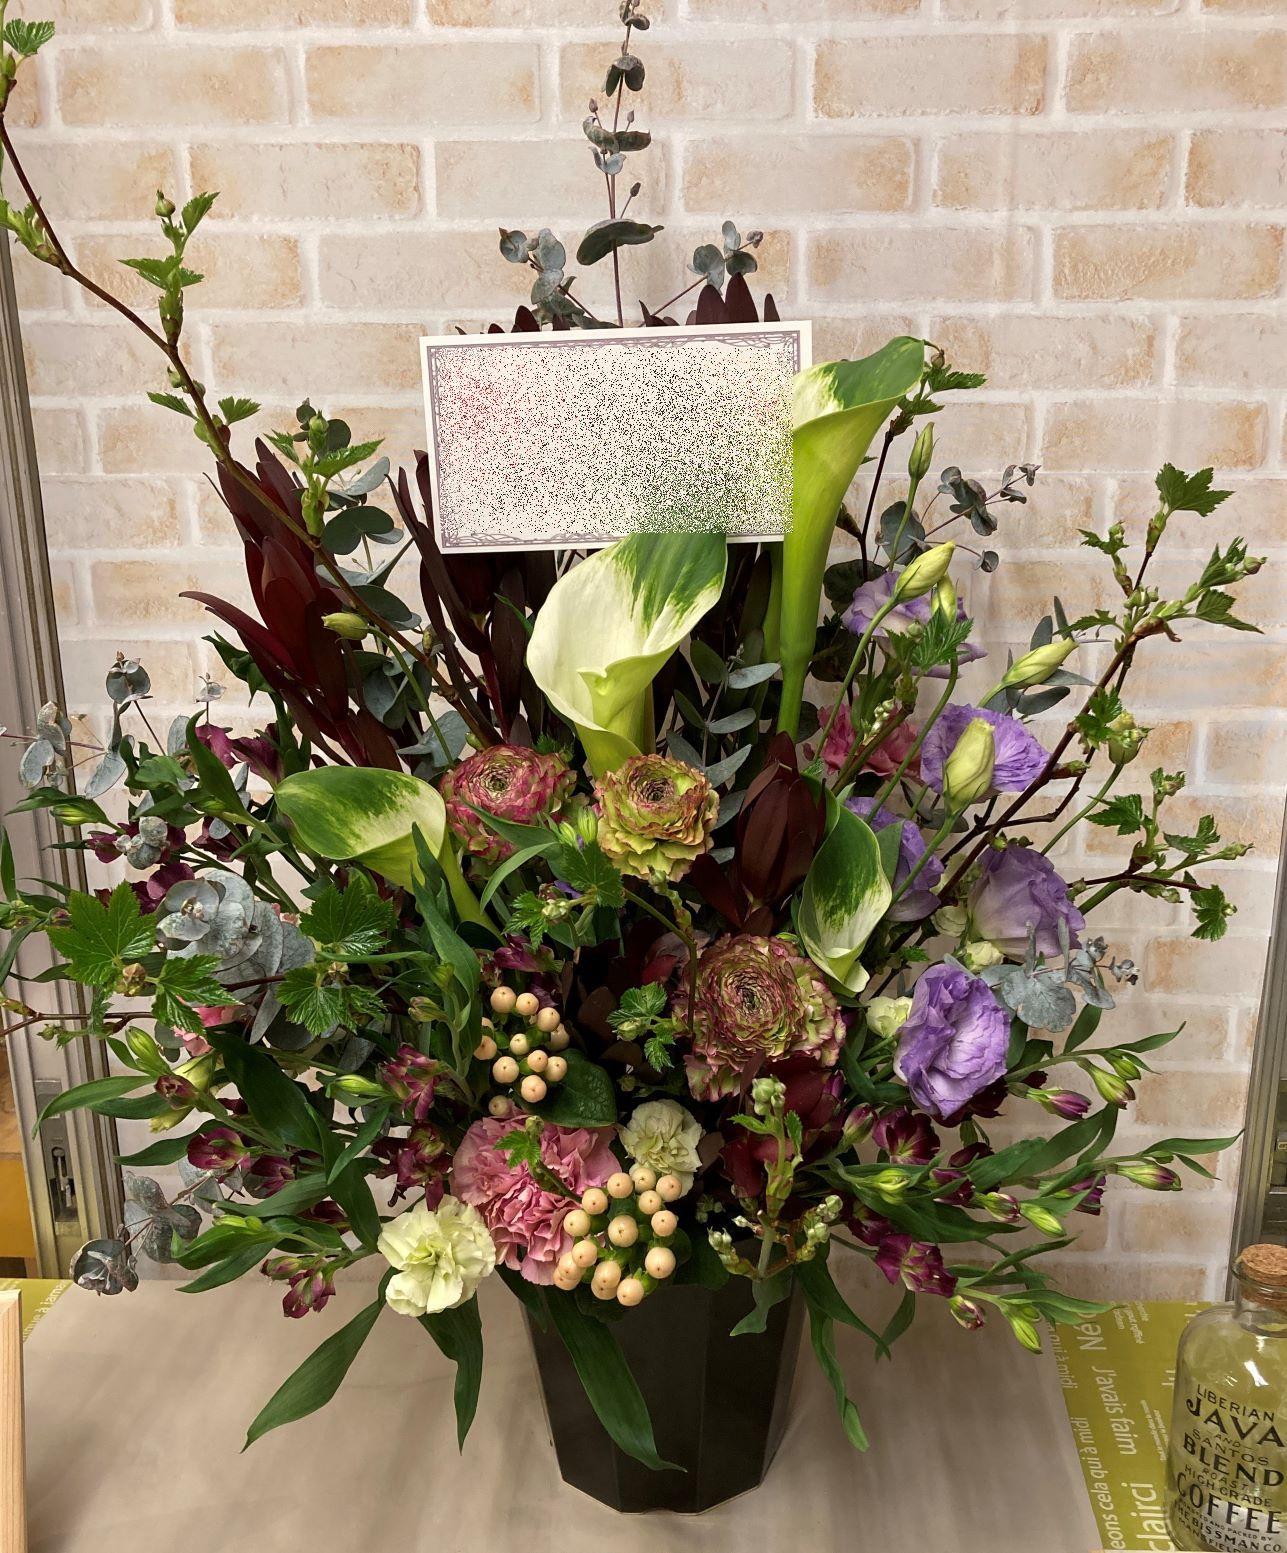 横浜関内ホールへフラワーアレンジメントを配達しました。【横浜花屋の花束・スタンド花・胡蝶蘭・バルーン・アレンジメント配達事例877】